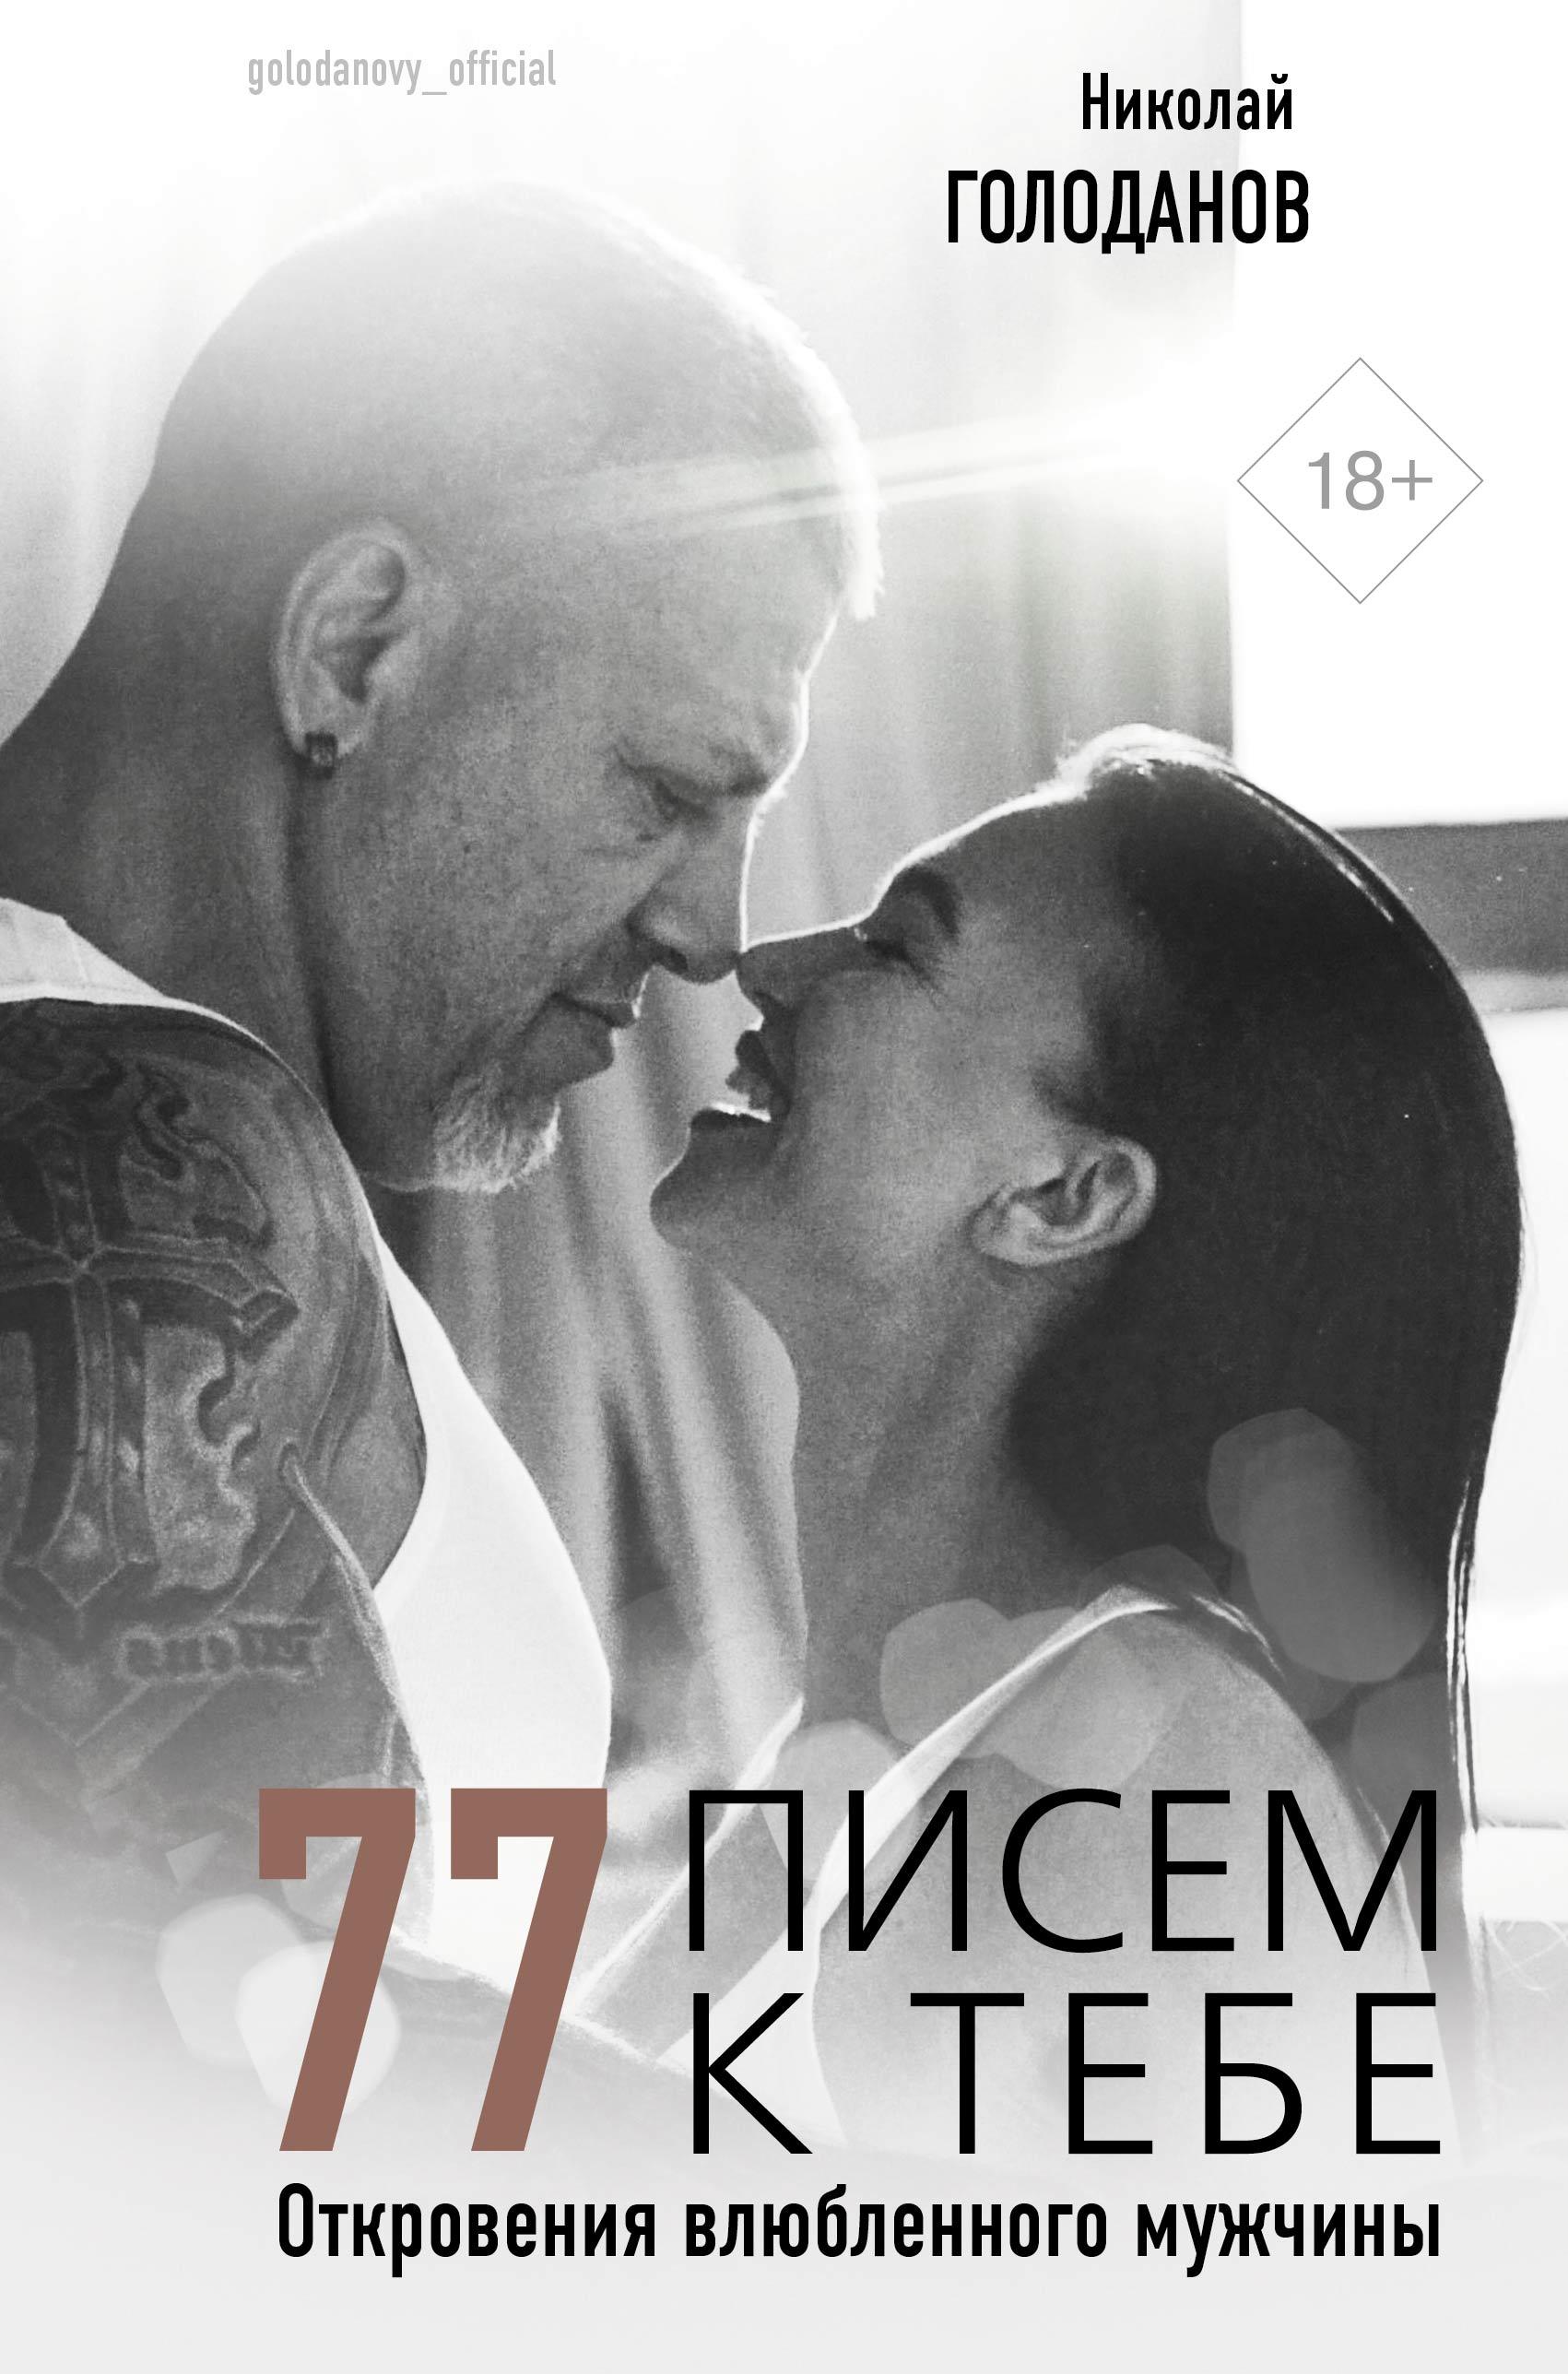 Николай Голоданов - 77 писем к тебе. Откровения влюбленного мужчины